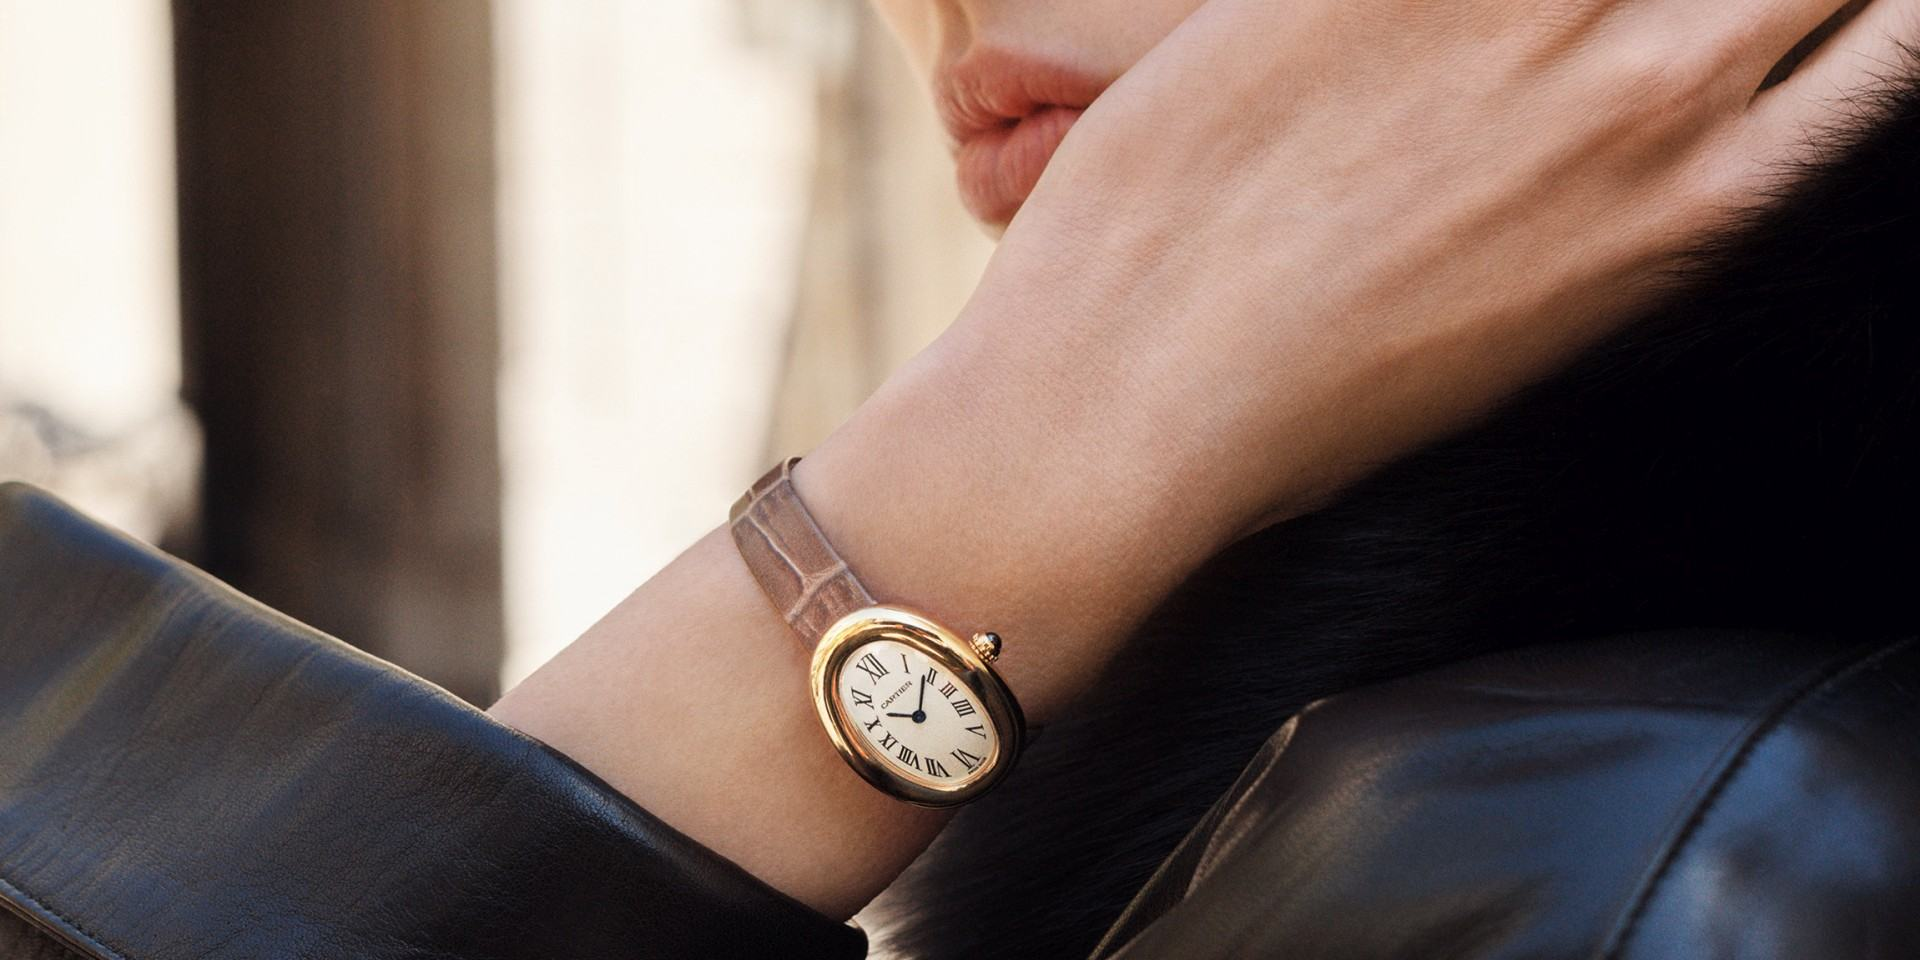 體現法式優雅及美學典範:卡地亞Baignoire系列腕錶